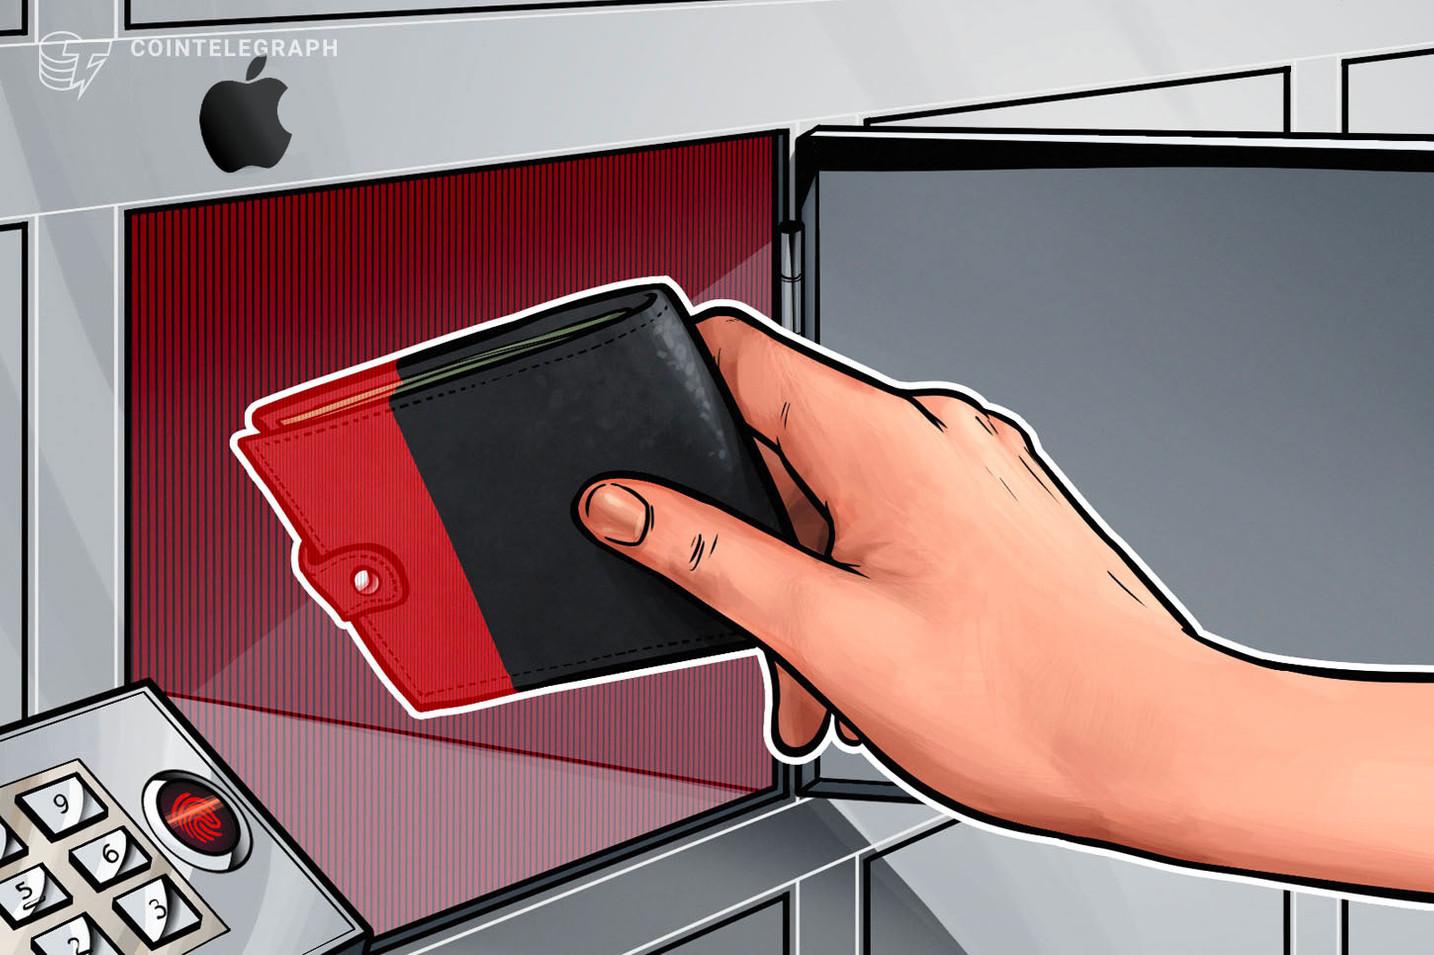 Alterações recentes no iOS podem ter matado as 'burner wallets' do iPhone